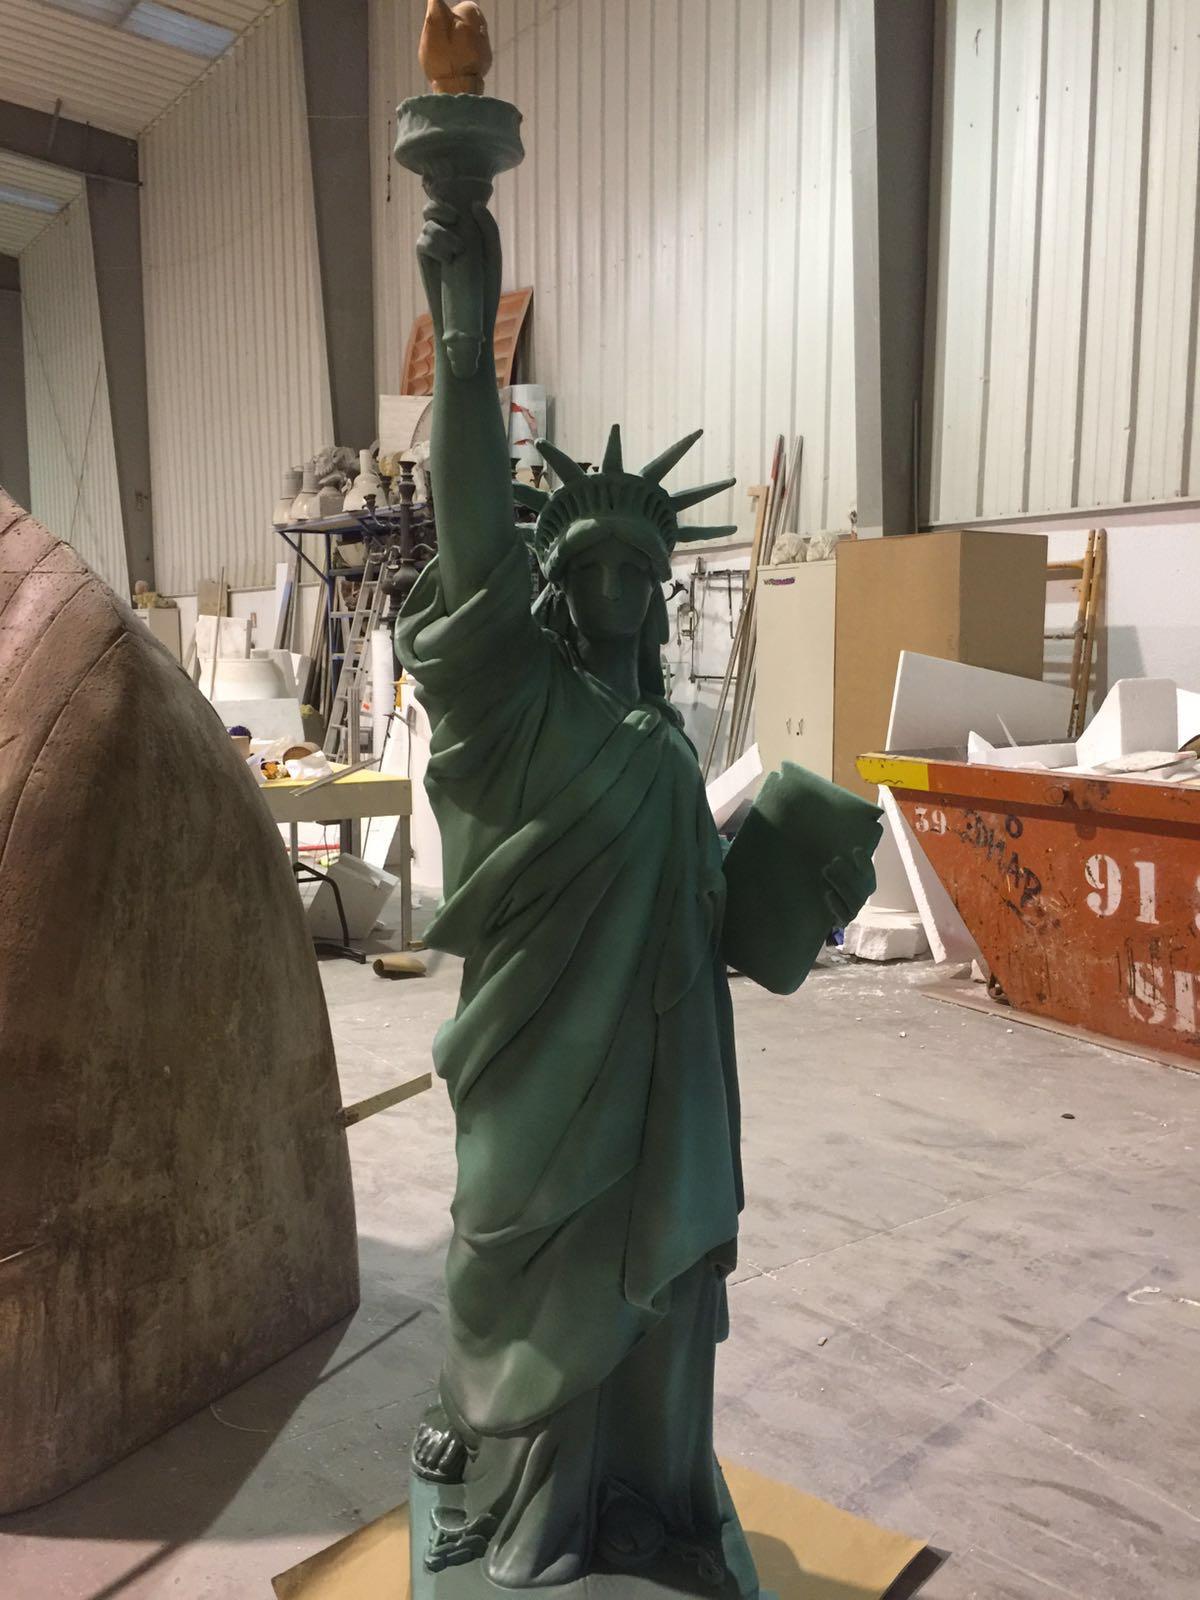 Figura de La Estatua de la Libertad en porexpan